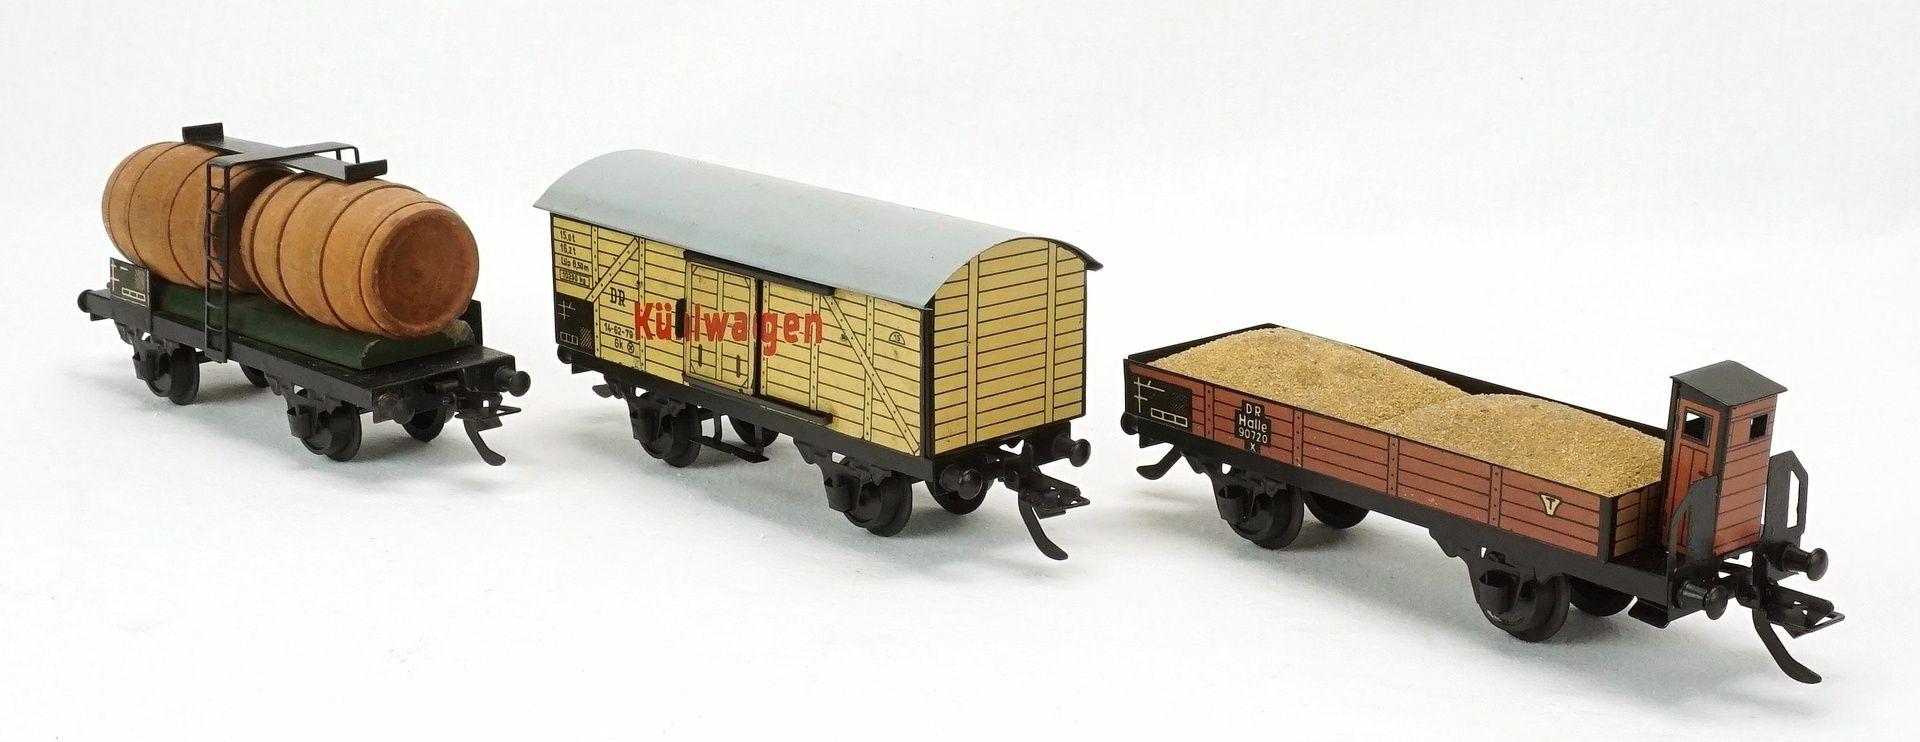 Fünf Zeuke Bahnen Personen- und Güterwagen, Spur 0, 2. Hälfte 20. Jh. - Bild 4 aus 5